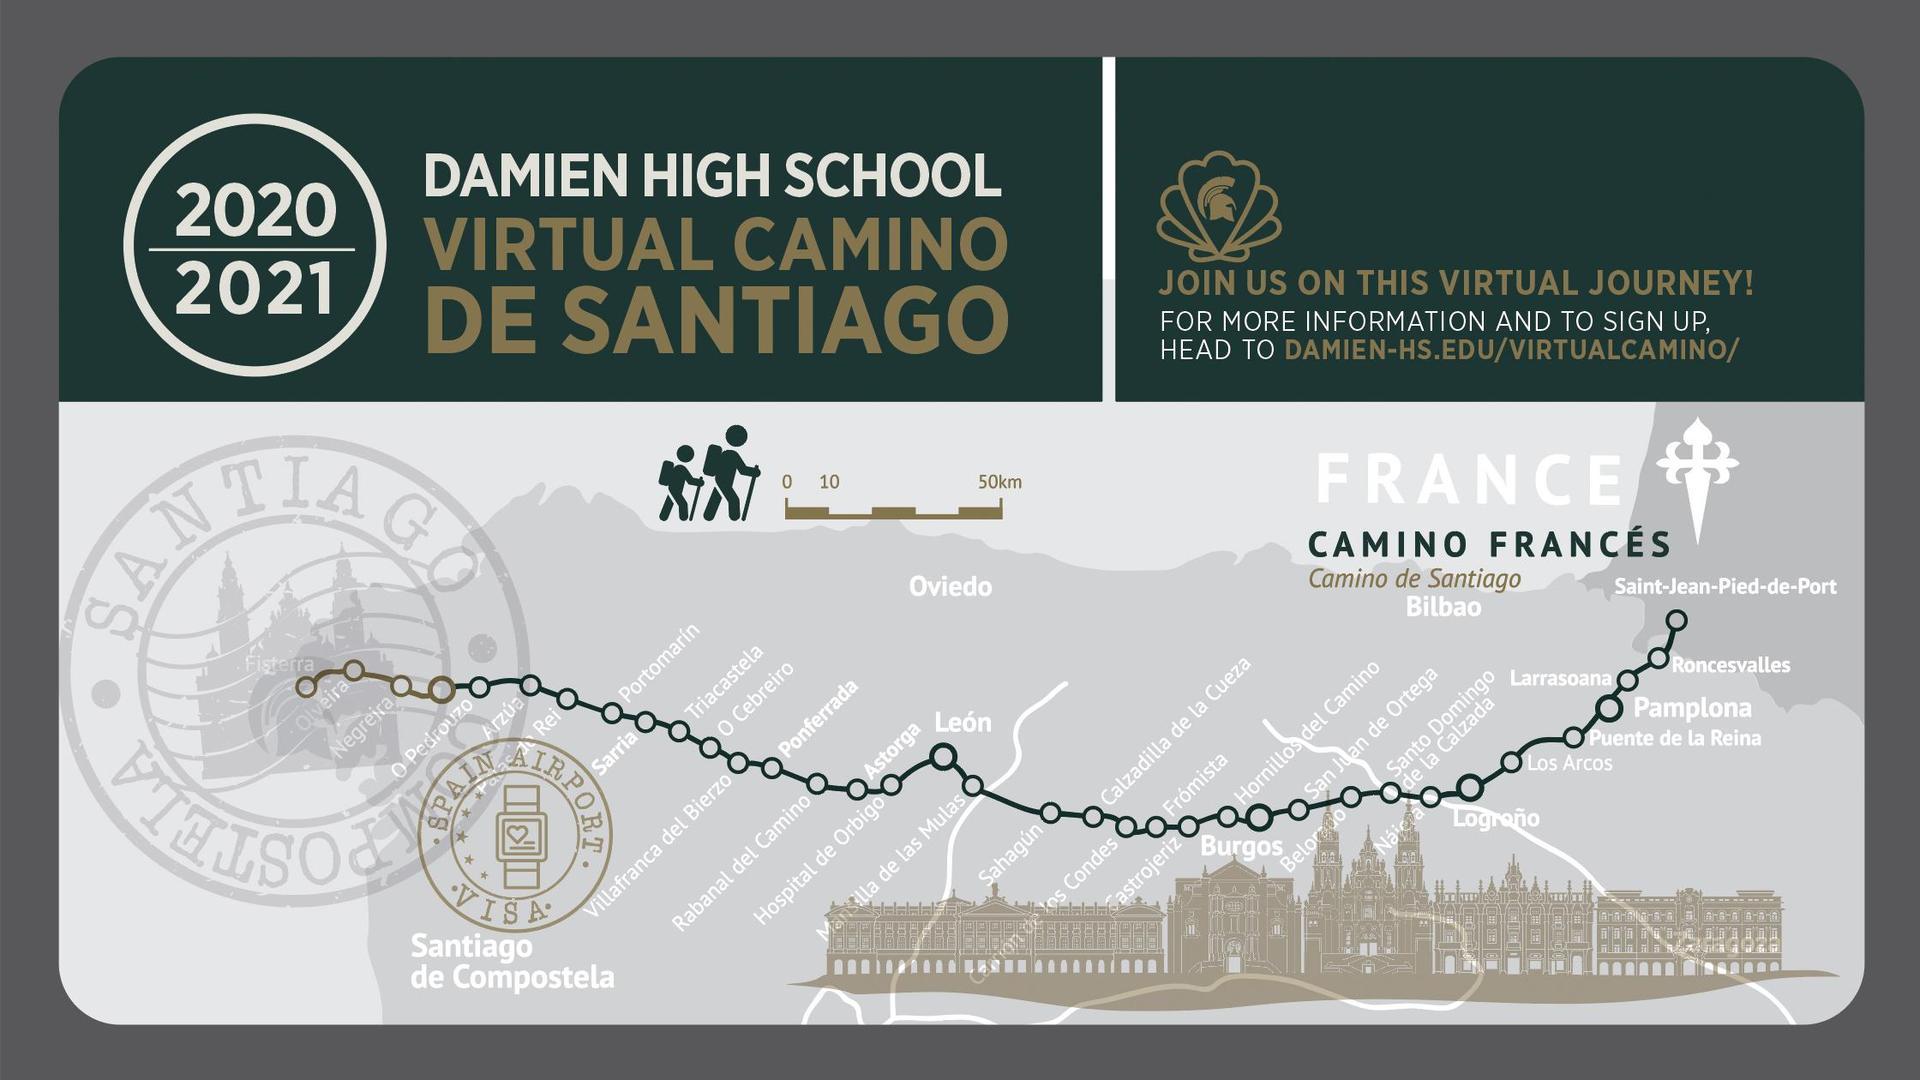 Virtual Camino de Santiago banner